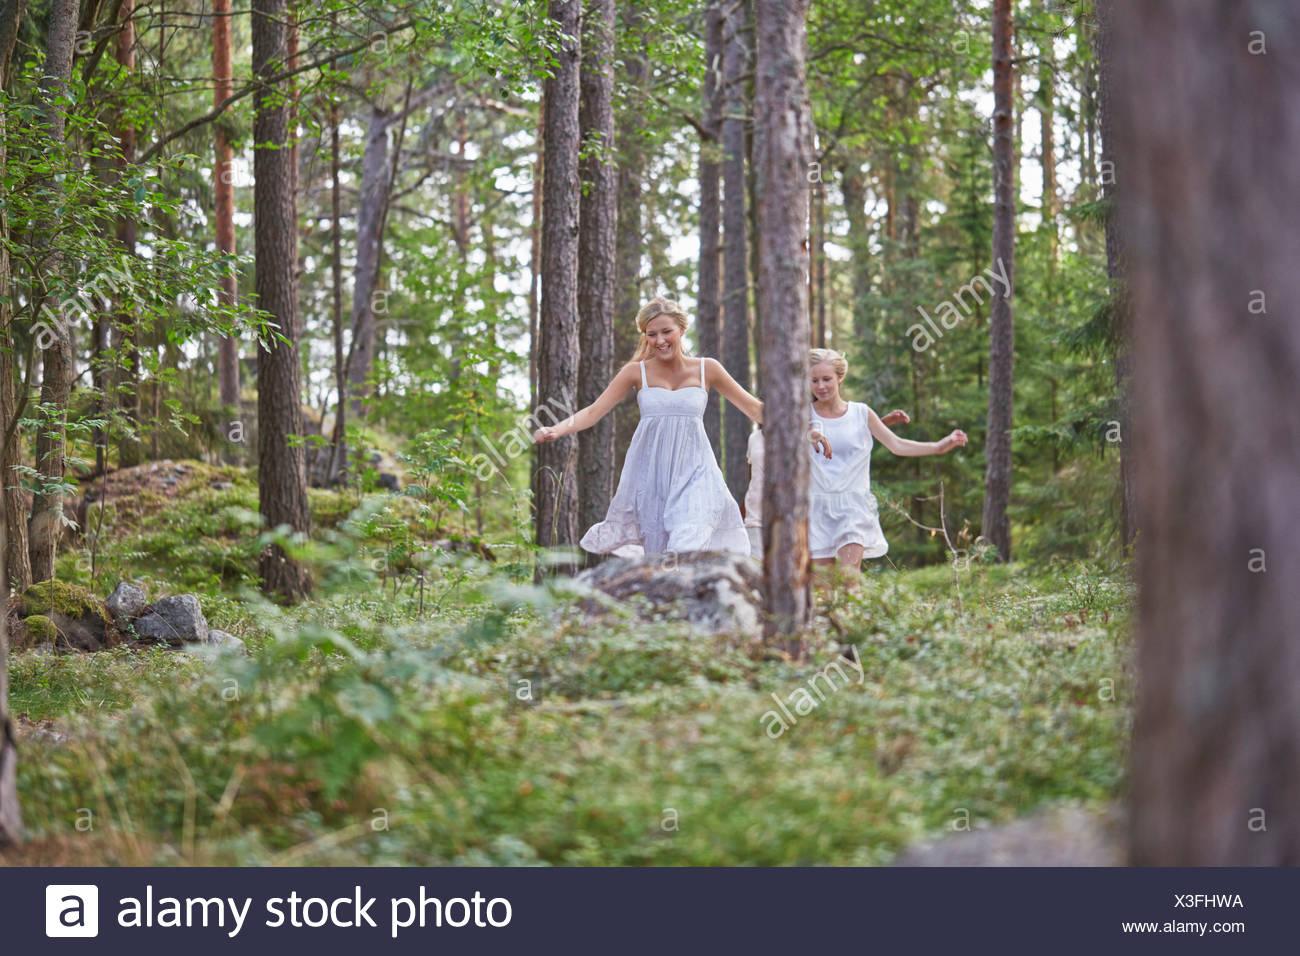 Las adolescentes corriendo en el bosque Imagen De Stock